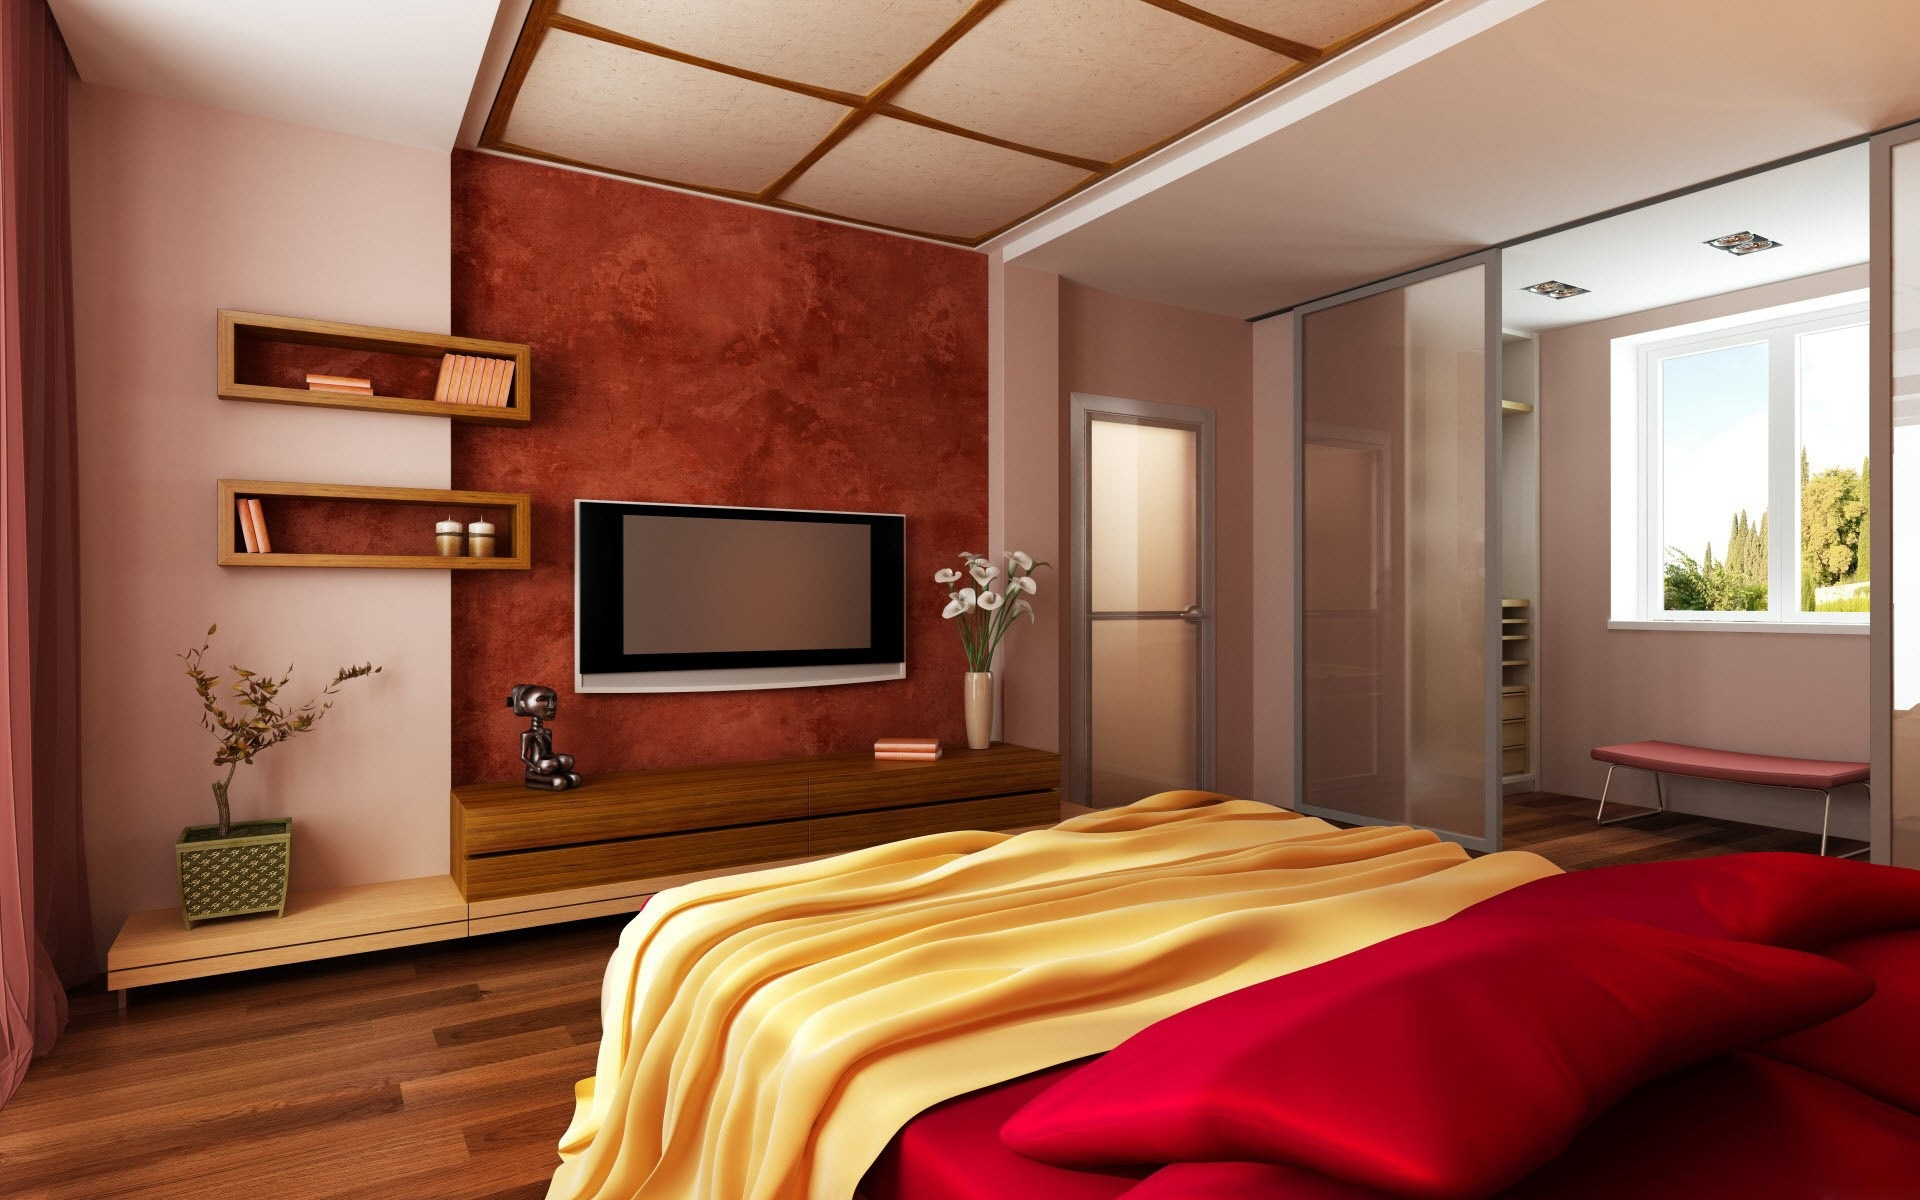 Красный цвет в спальне по фэн-шуй